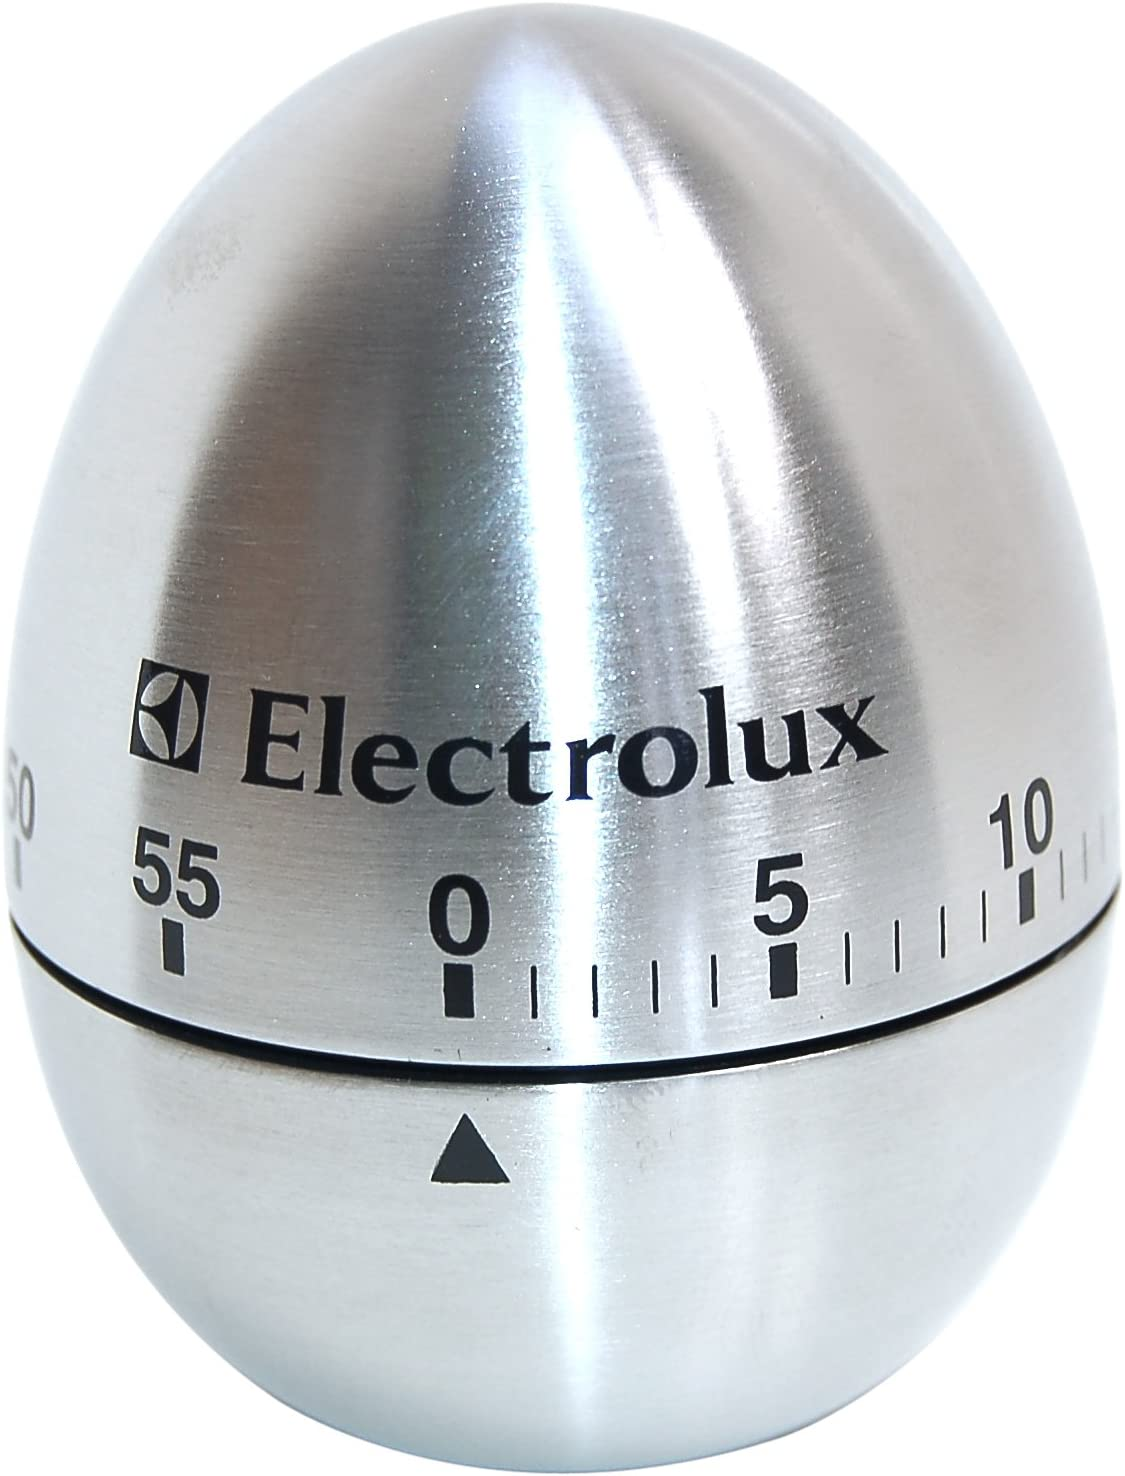 M/écanique en Acier Inoxydable en Forme Doeuf Alarme Rotative Minuterie de 60 Minutes pour Accessoires de Cuisine Outil de Cuisson Minuterie de Cuisine Manuelle